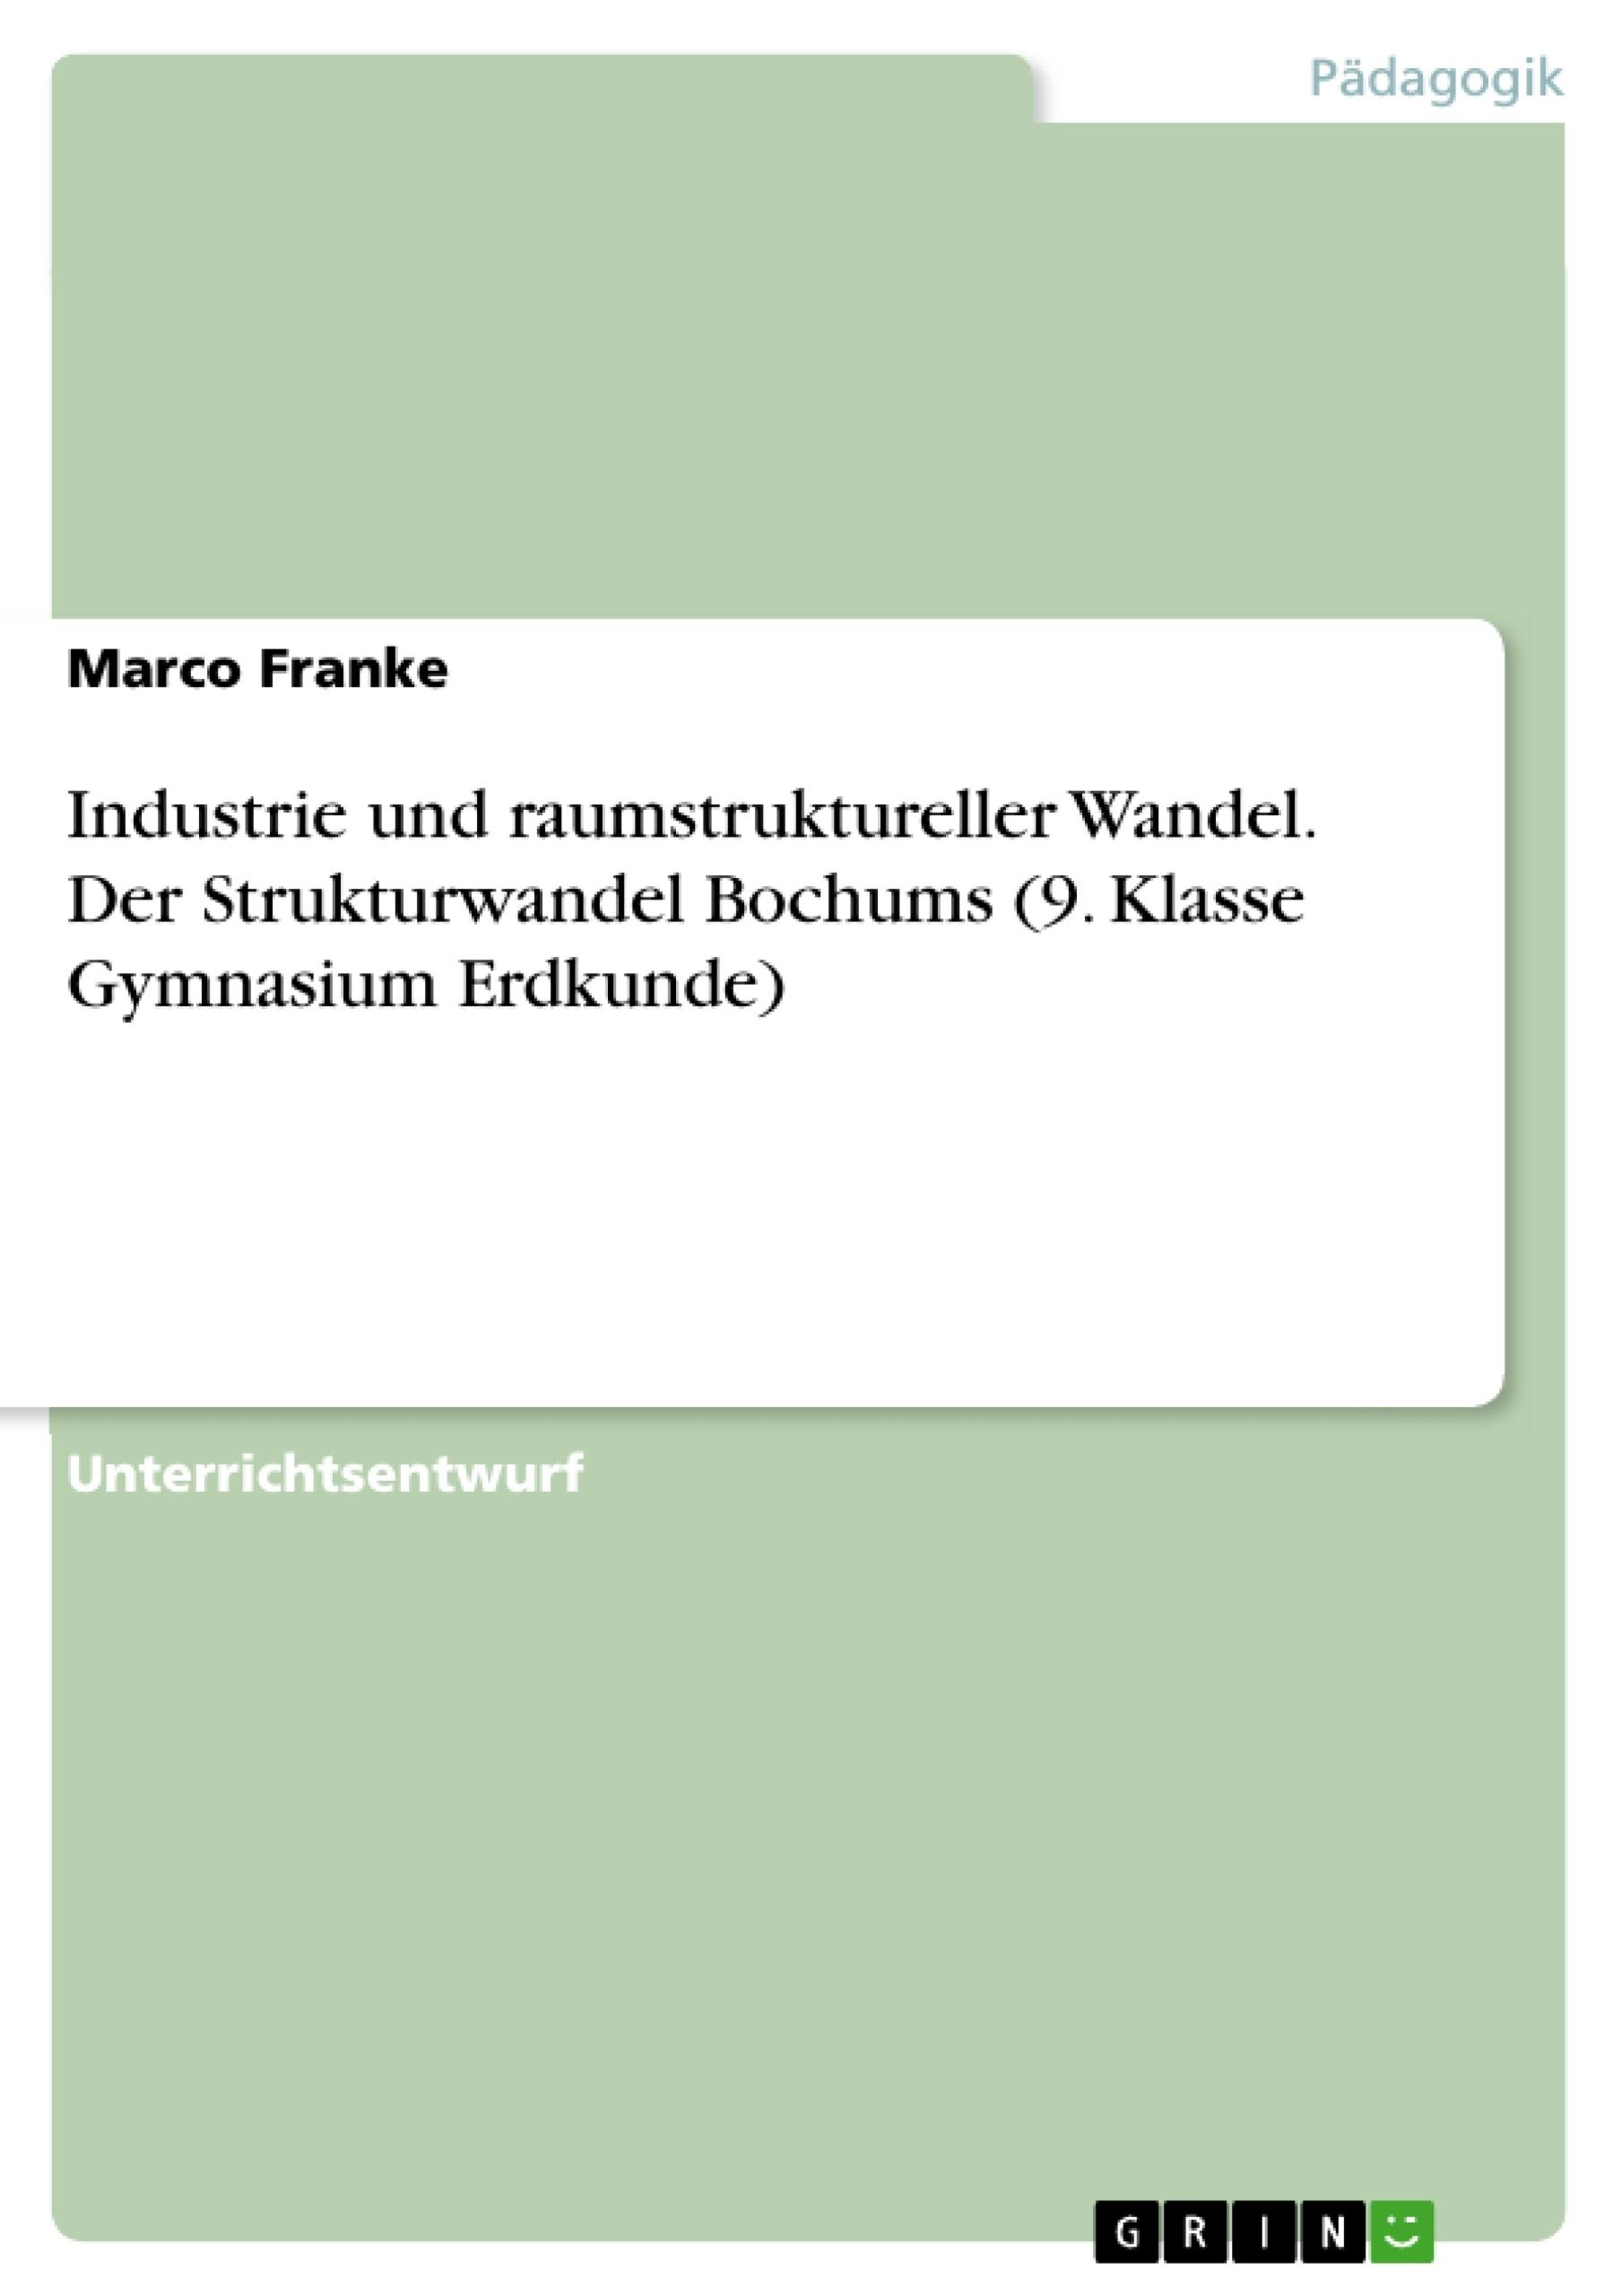 Titel: Industrie und raumstruktureller Wandel. Der Strukturwandel Bochums  (9. Klasse Gymnasium Erdkunde)